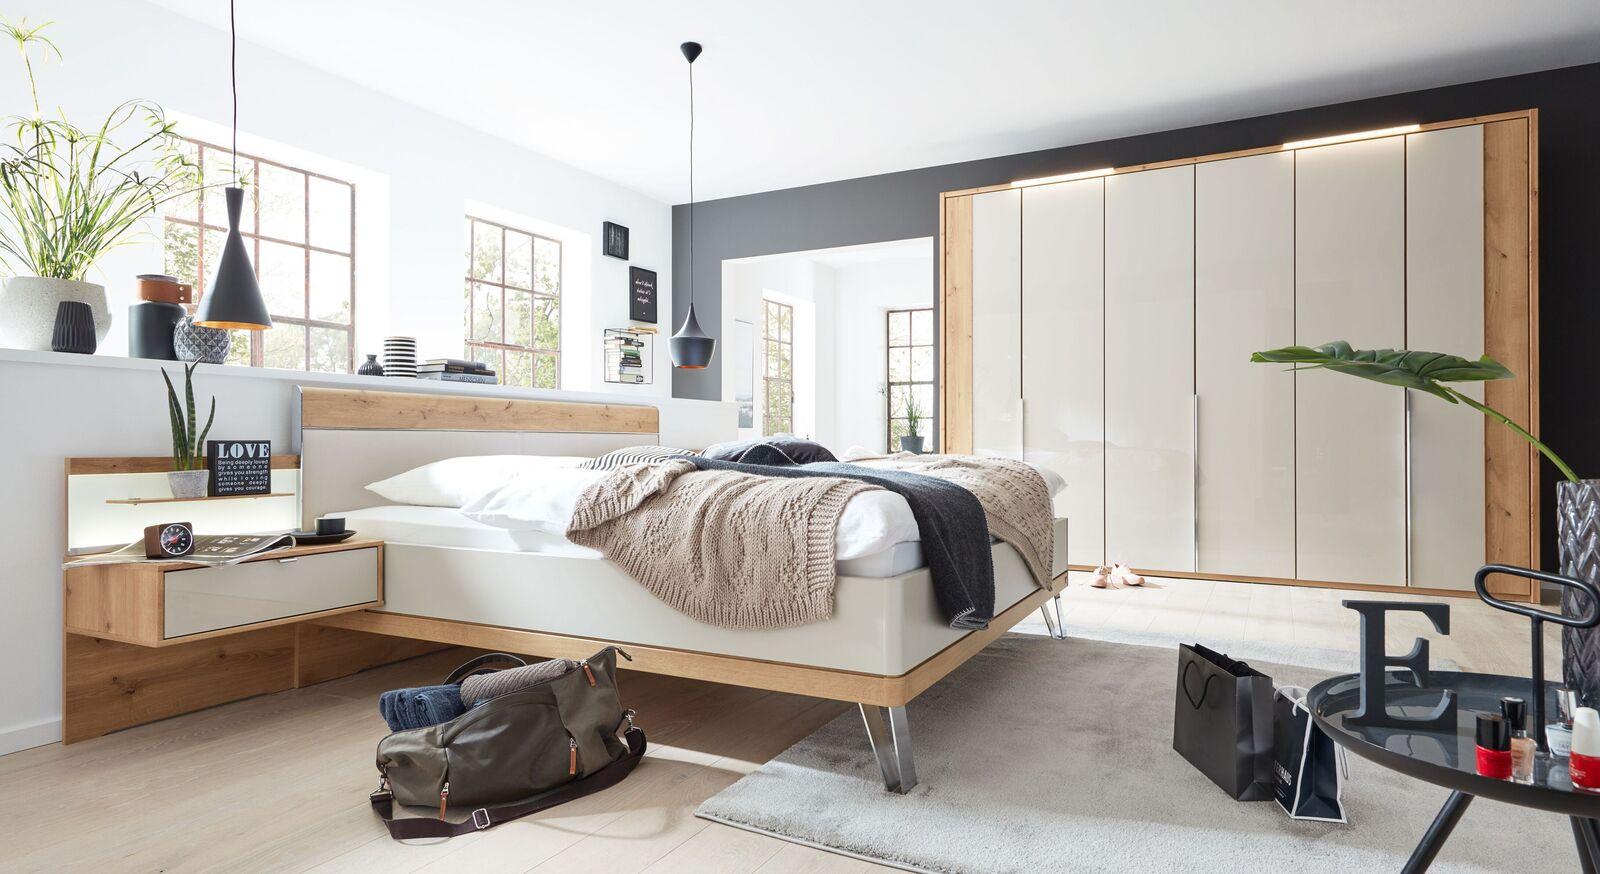 INTERLIVING Schlafzimmer 1017 mit passenden Produkten